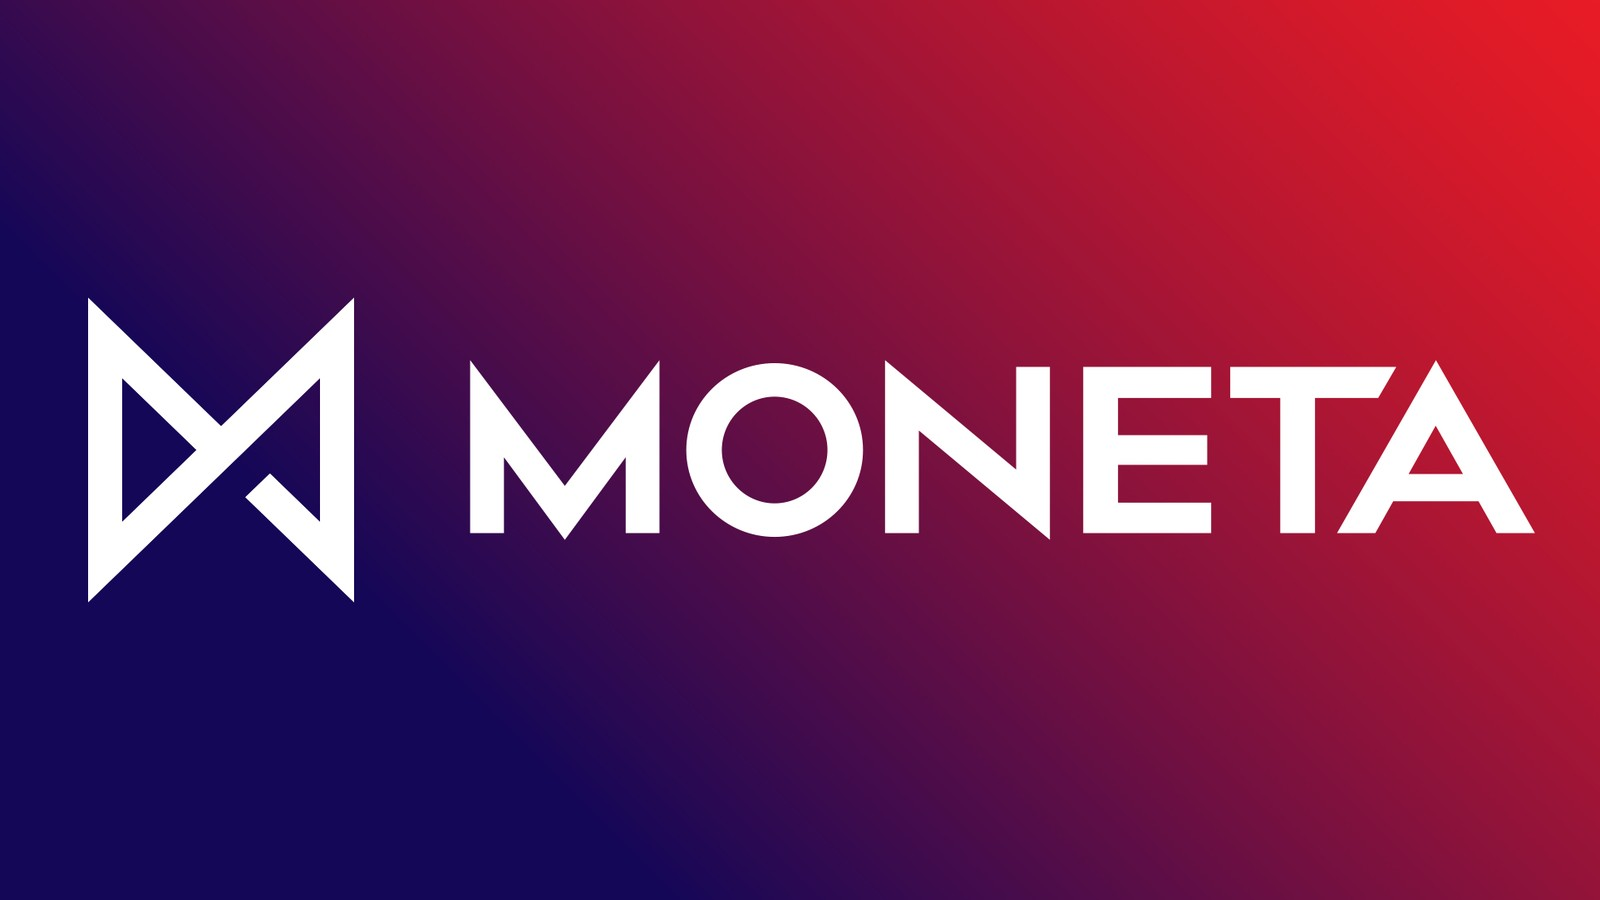 Moneta money bank nyní nabízí ve své aplikaci možnost multibankingu